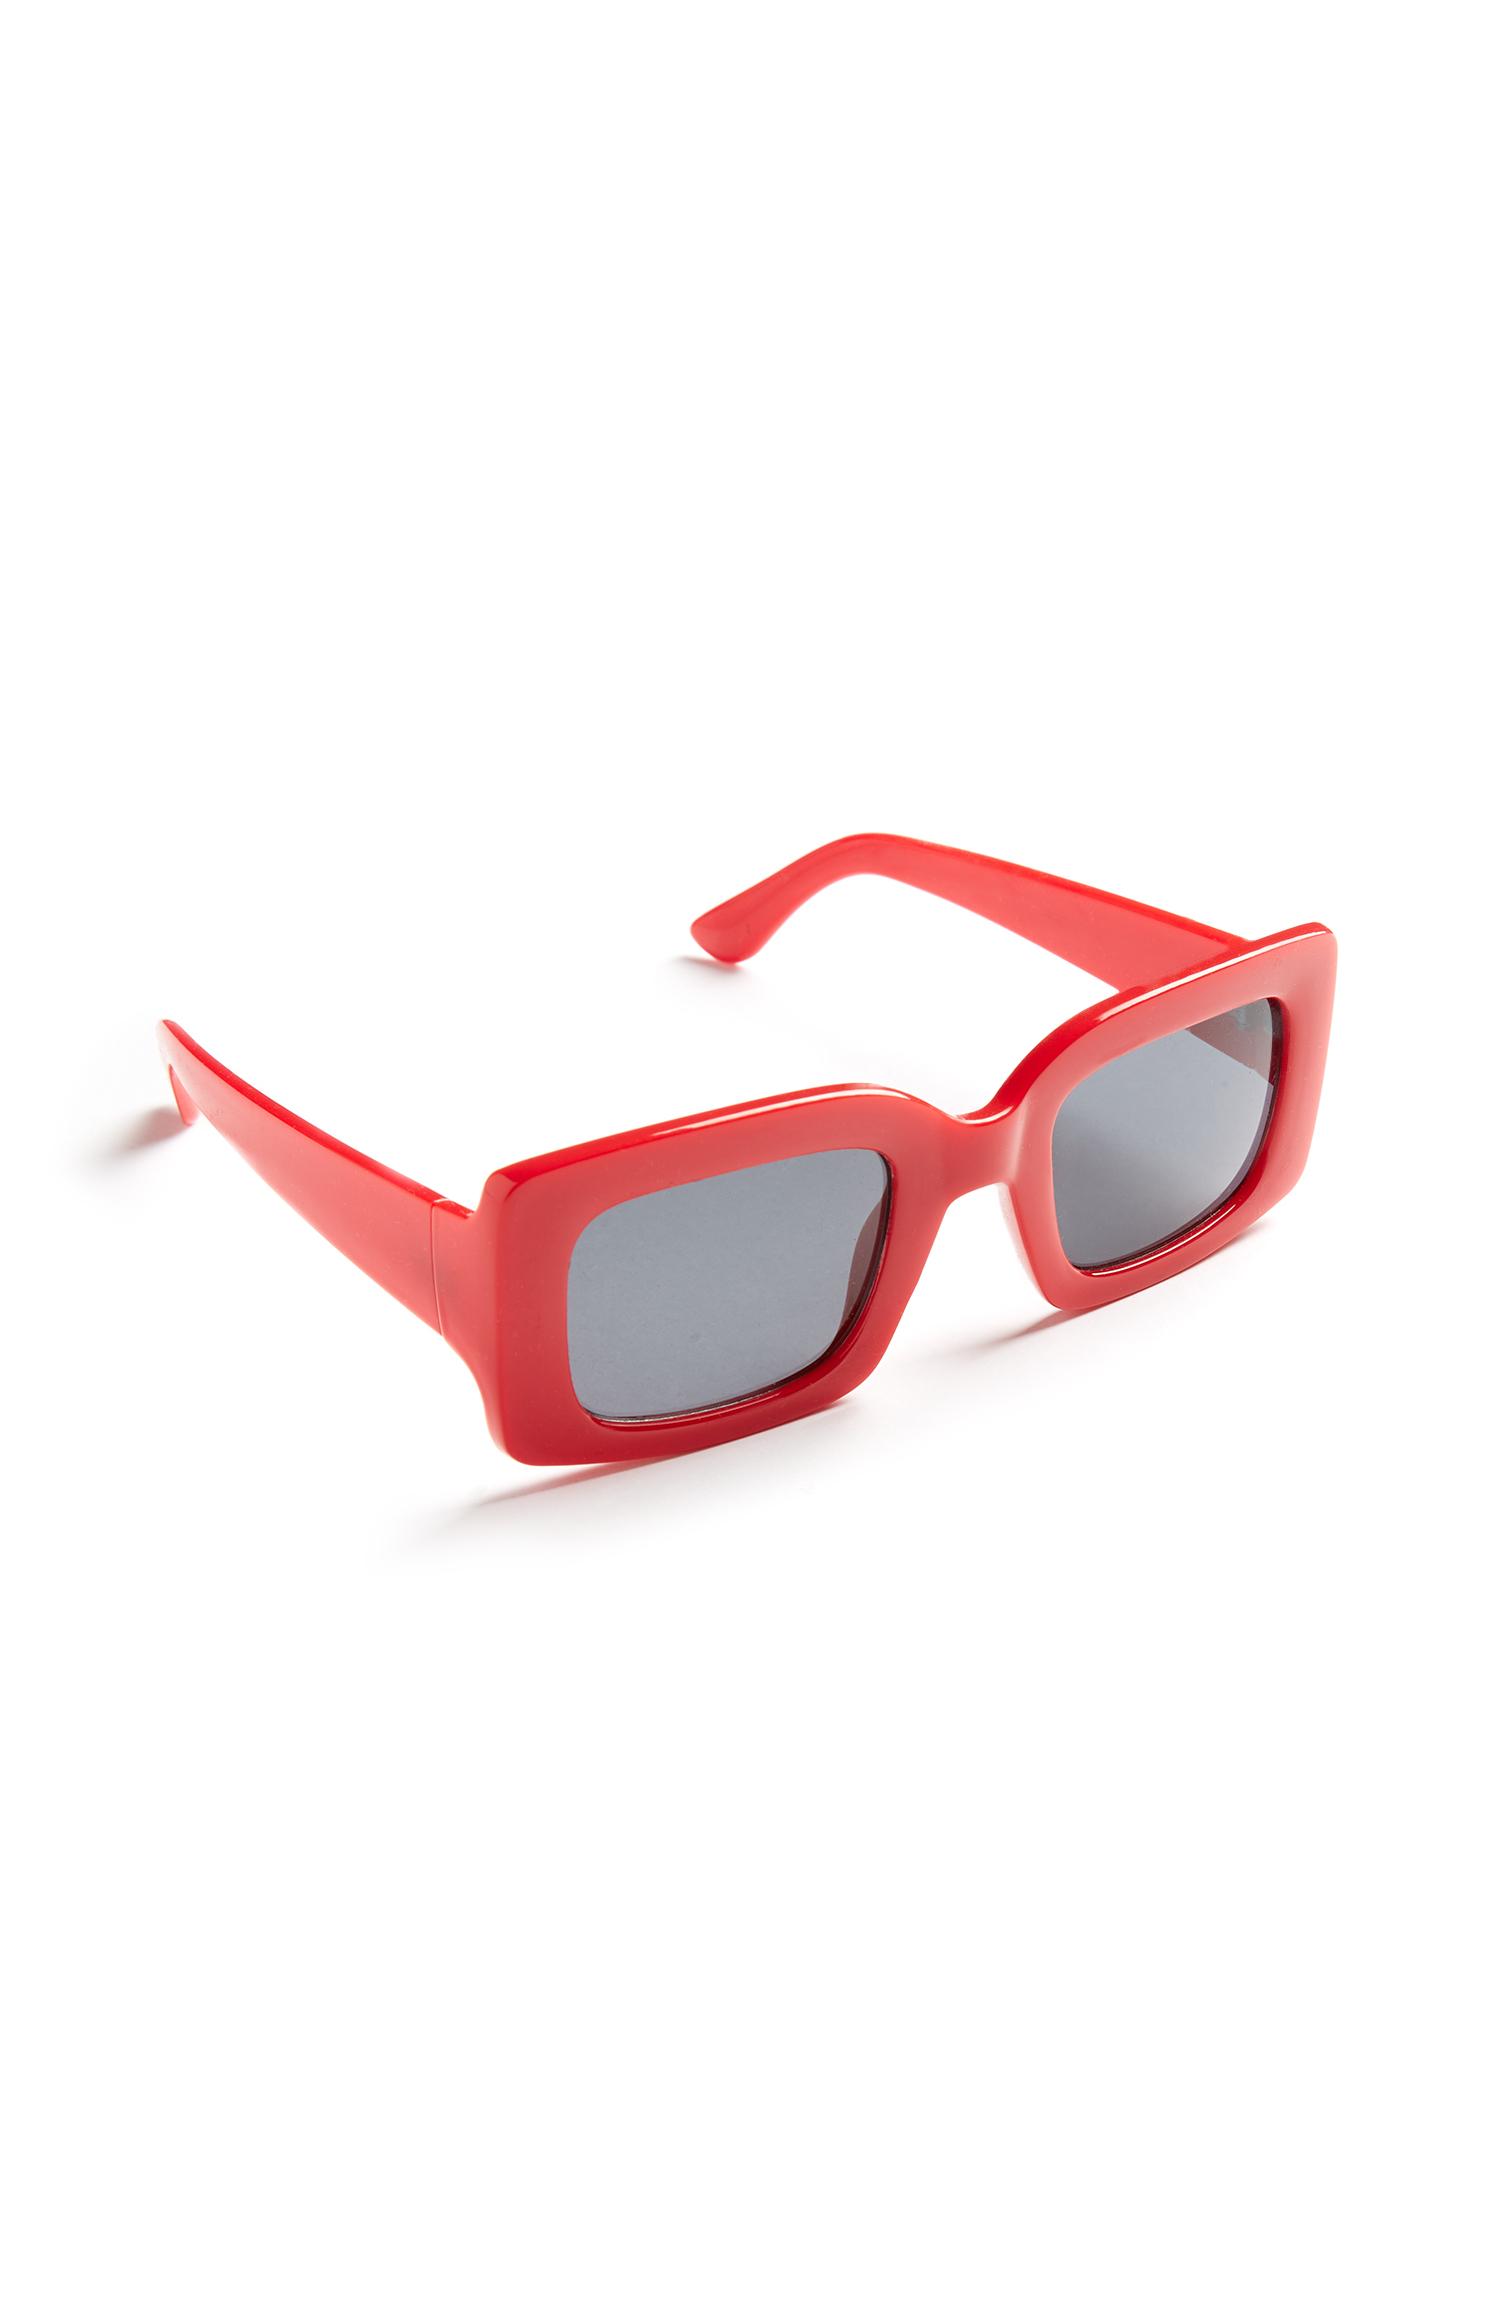 Red Sunglasses, Glasses £2 €3 $3.50.jpg